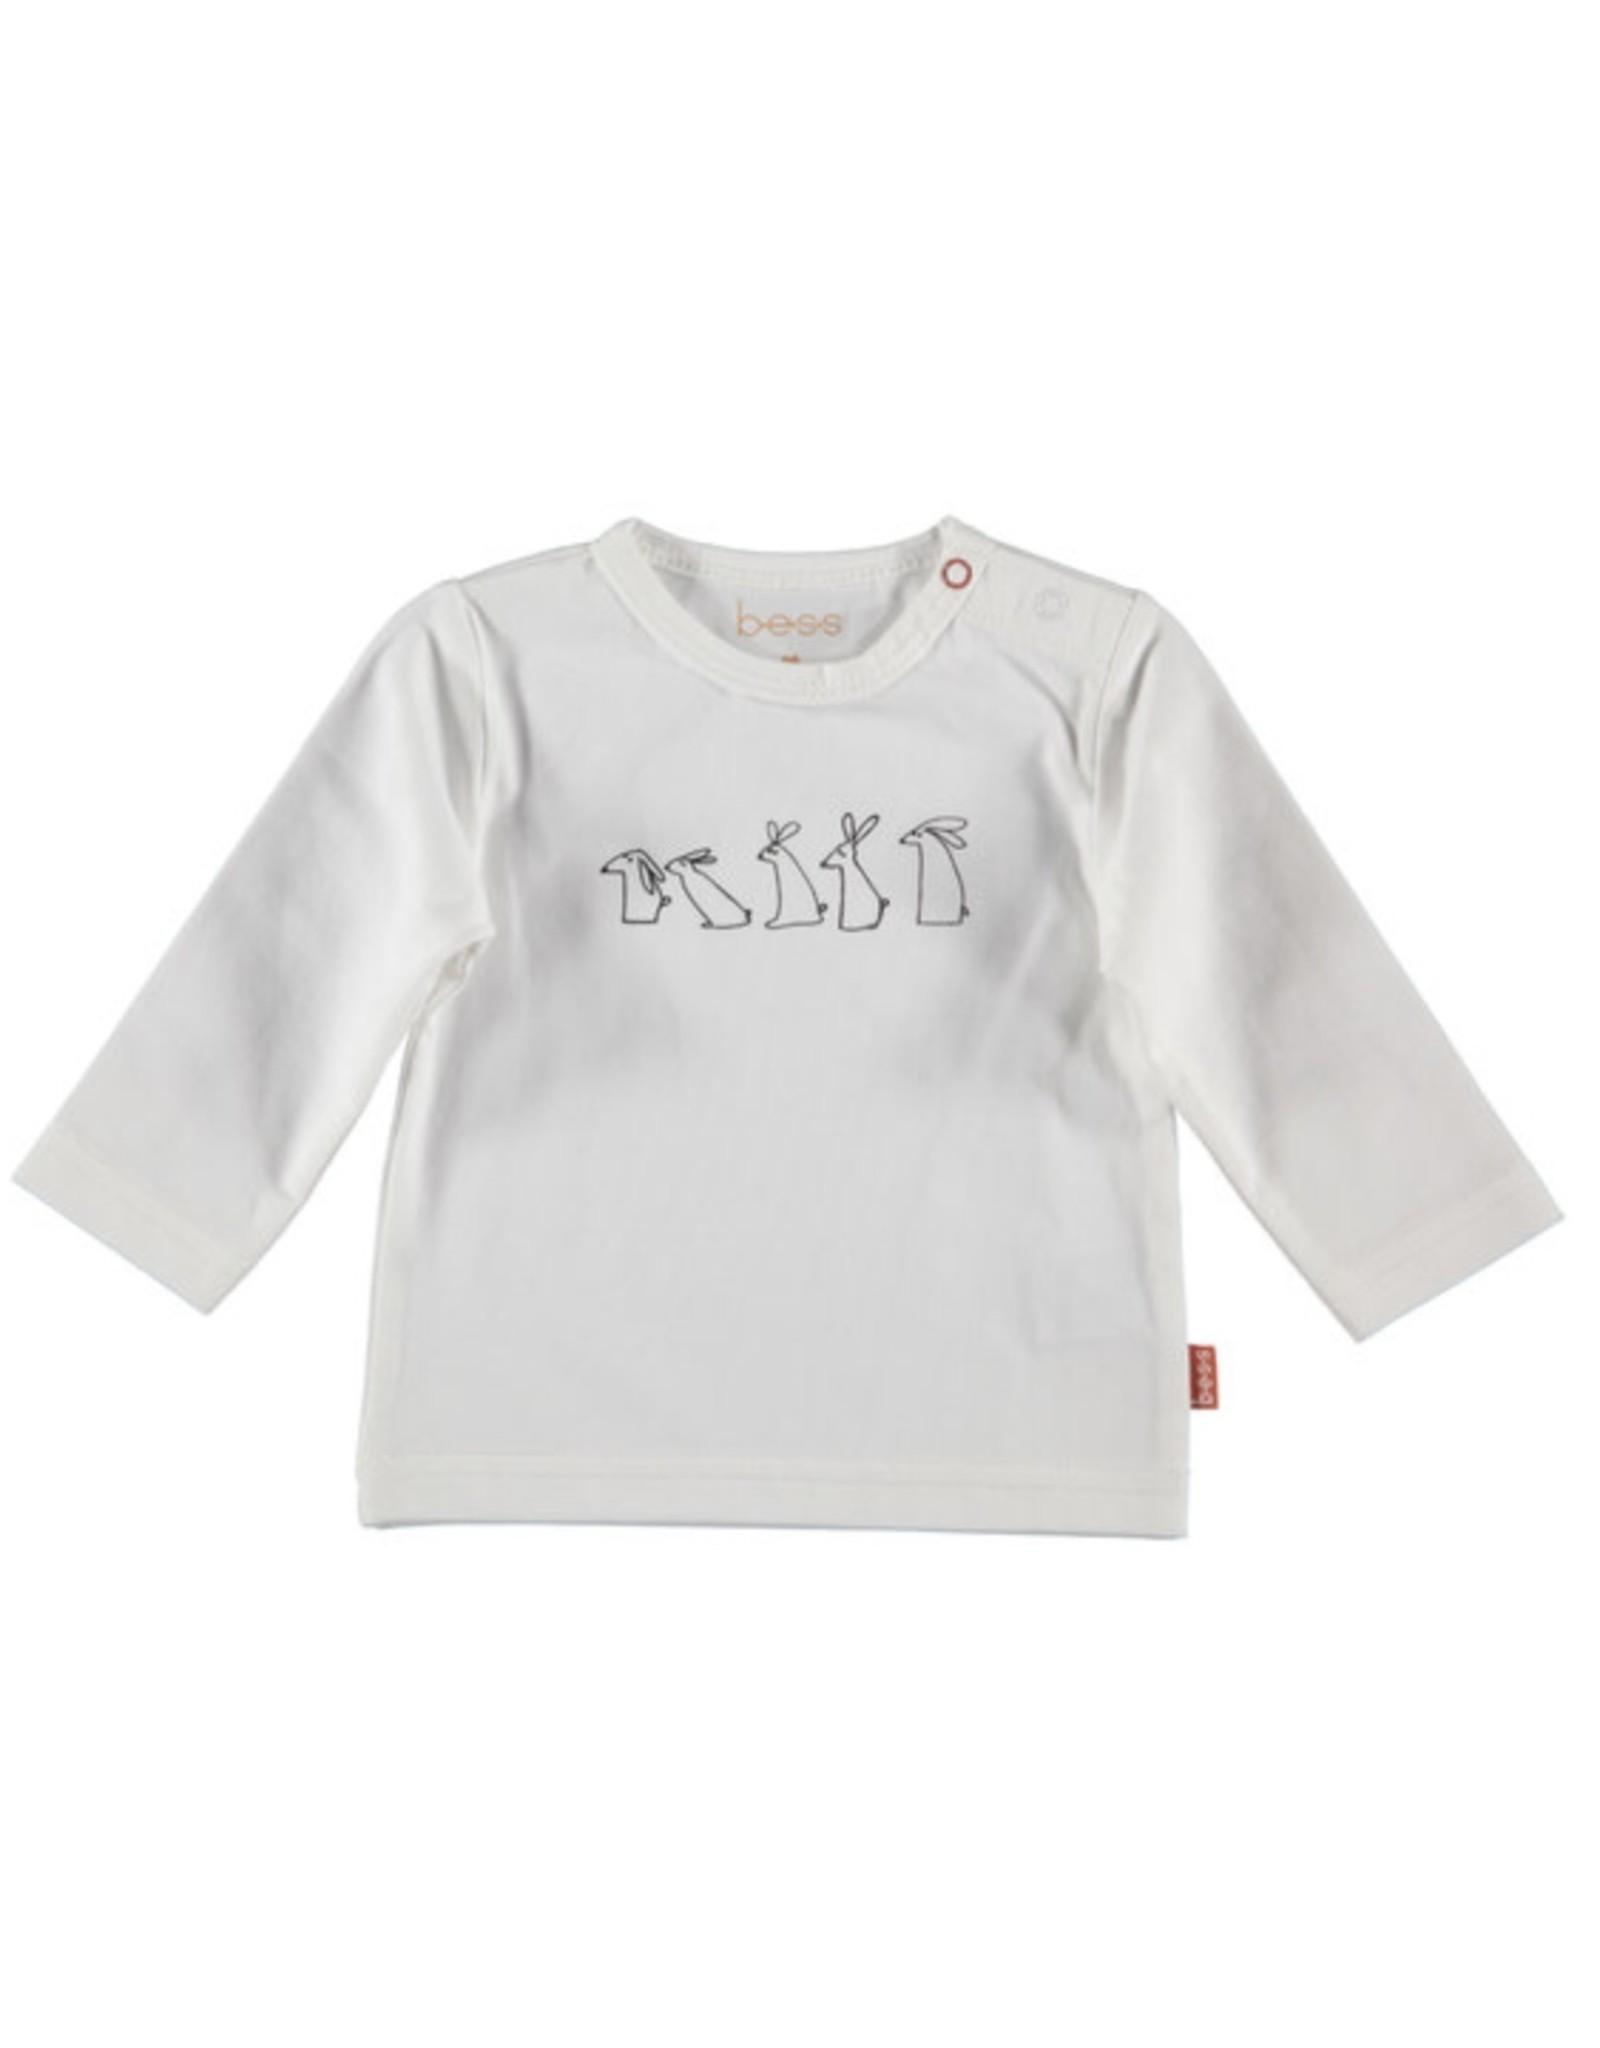 B*E*S*S 21001 T-Shirt